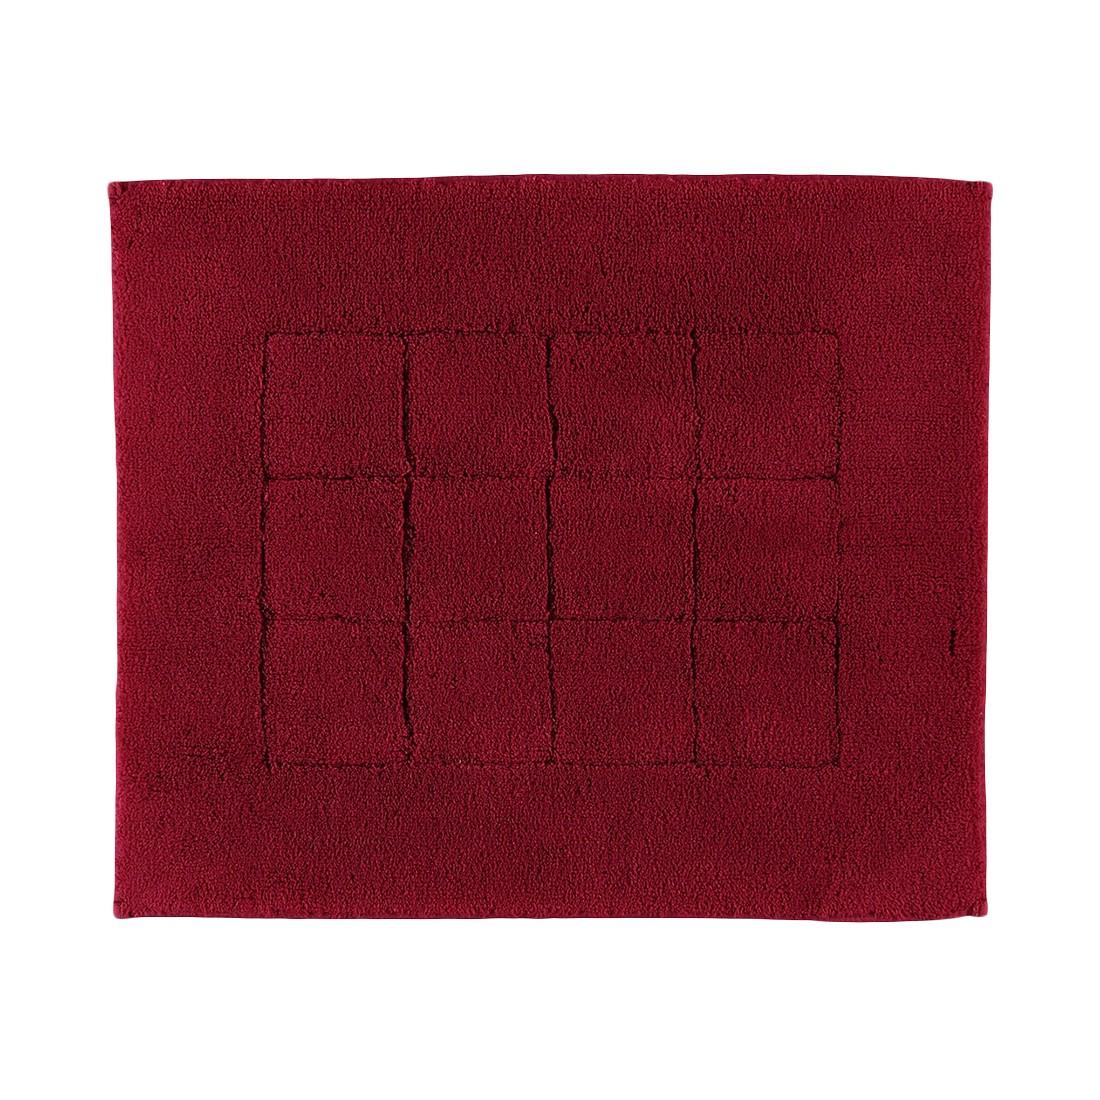 Badteppiche Vienna Sensible – Baumwolle – Rubin – 60×100 cm, Vossen bestellen